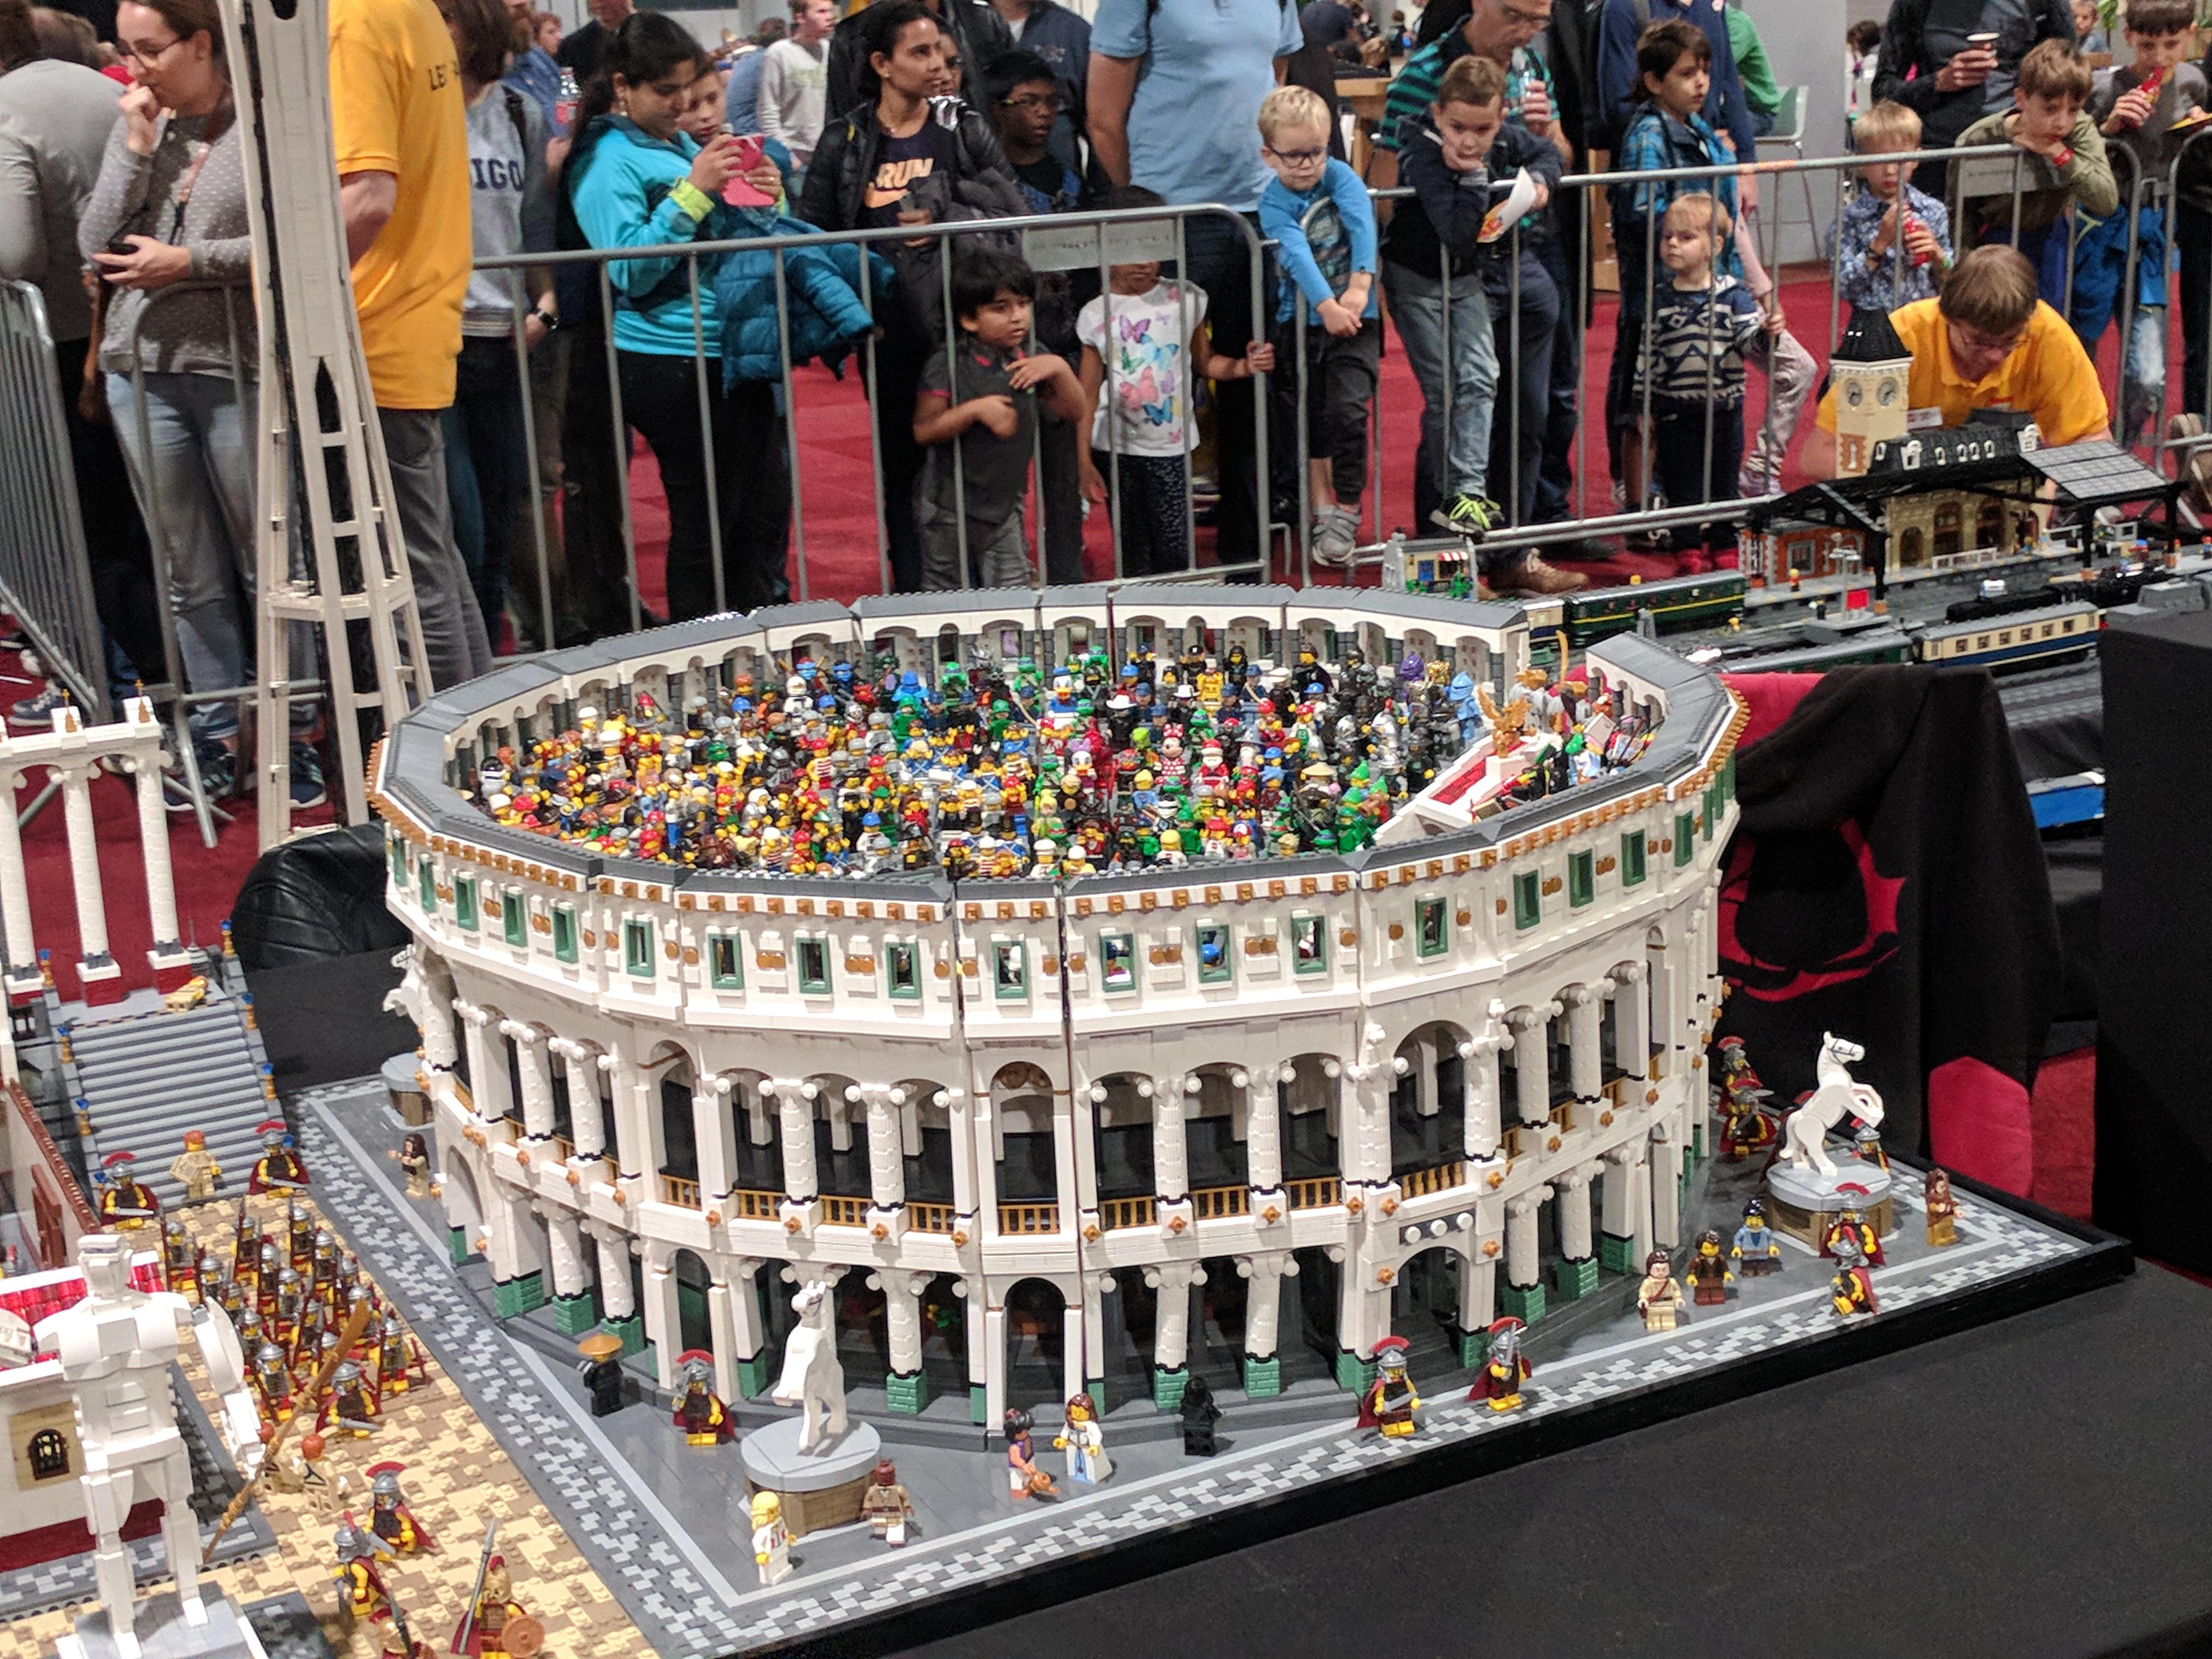 Lego World Collosseum